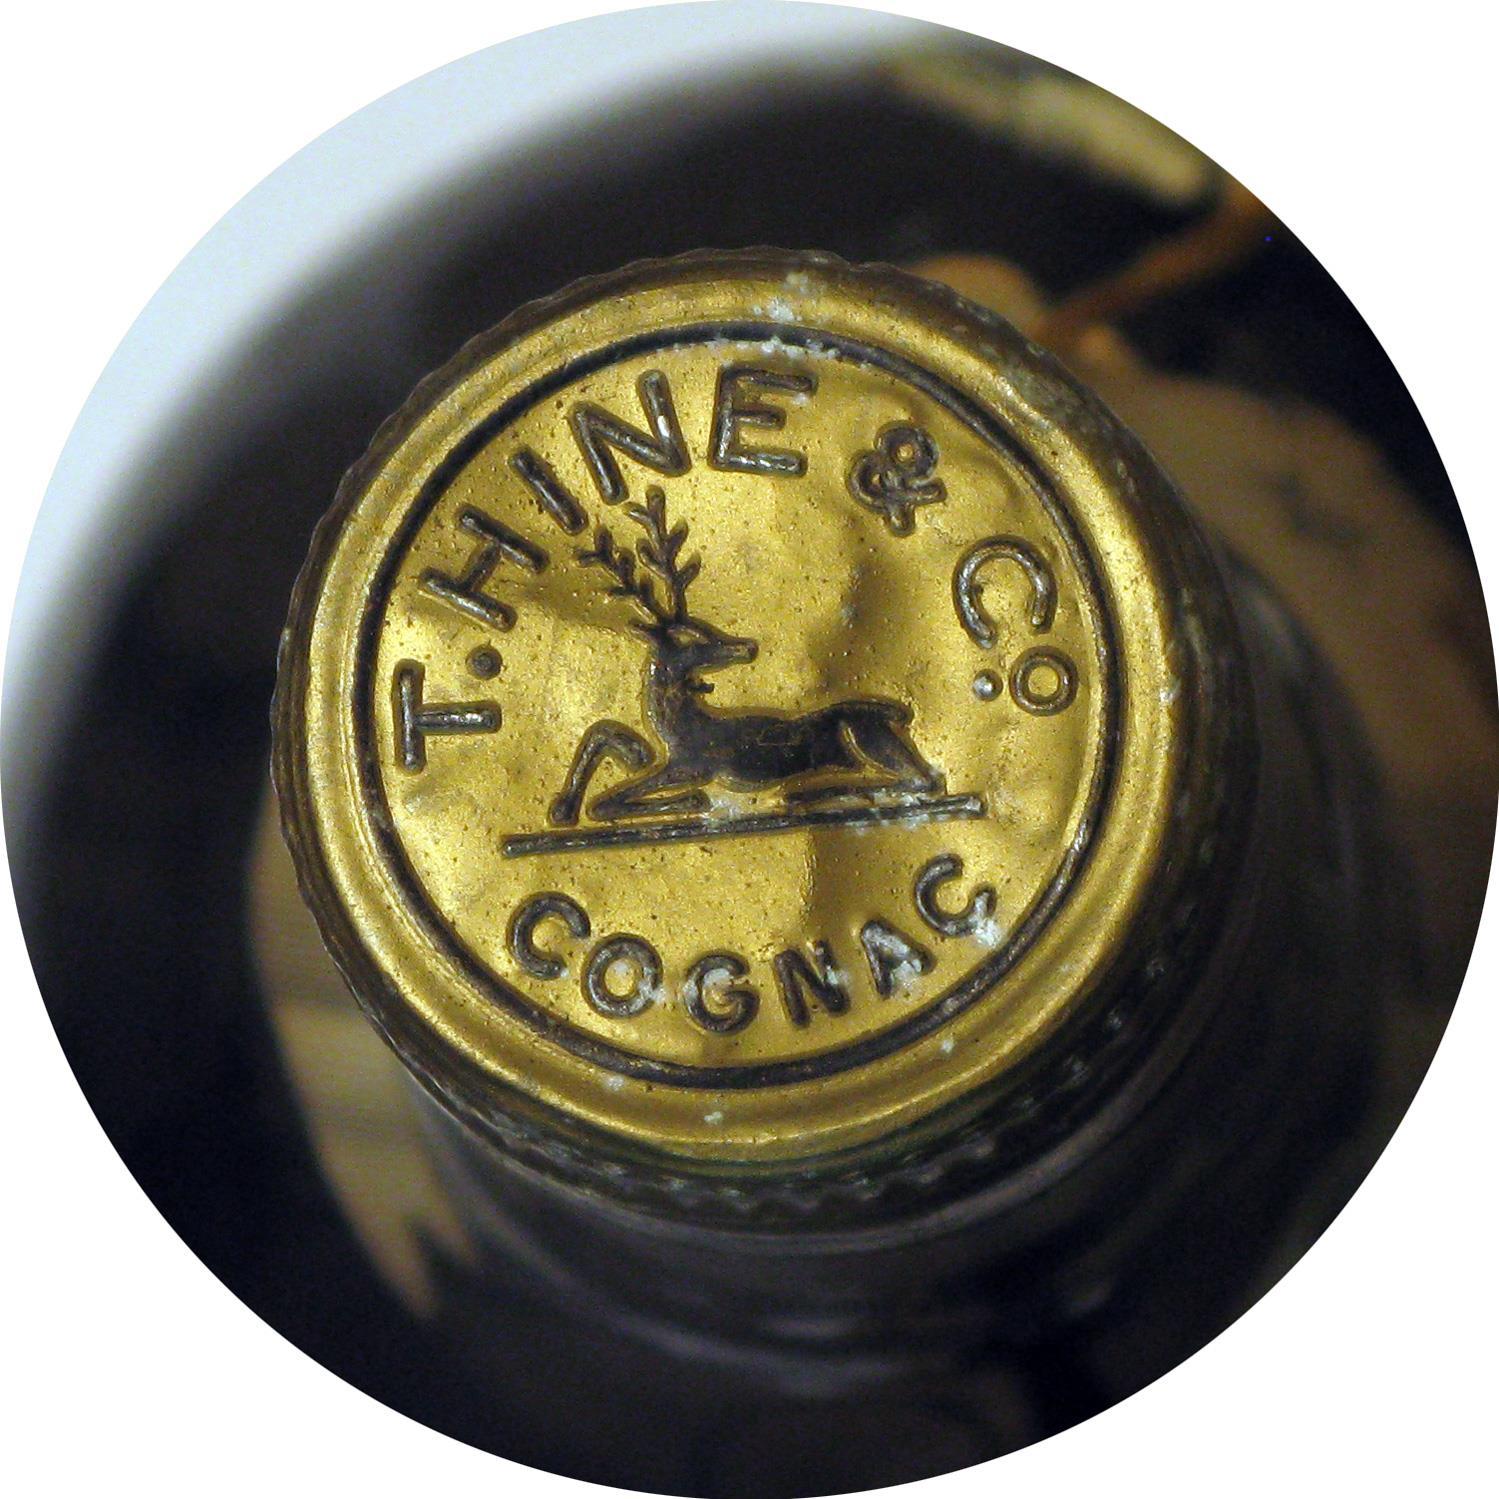 Cognac Hine Three Star Annee du Bicentenaire